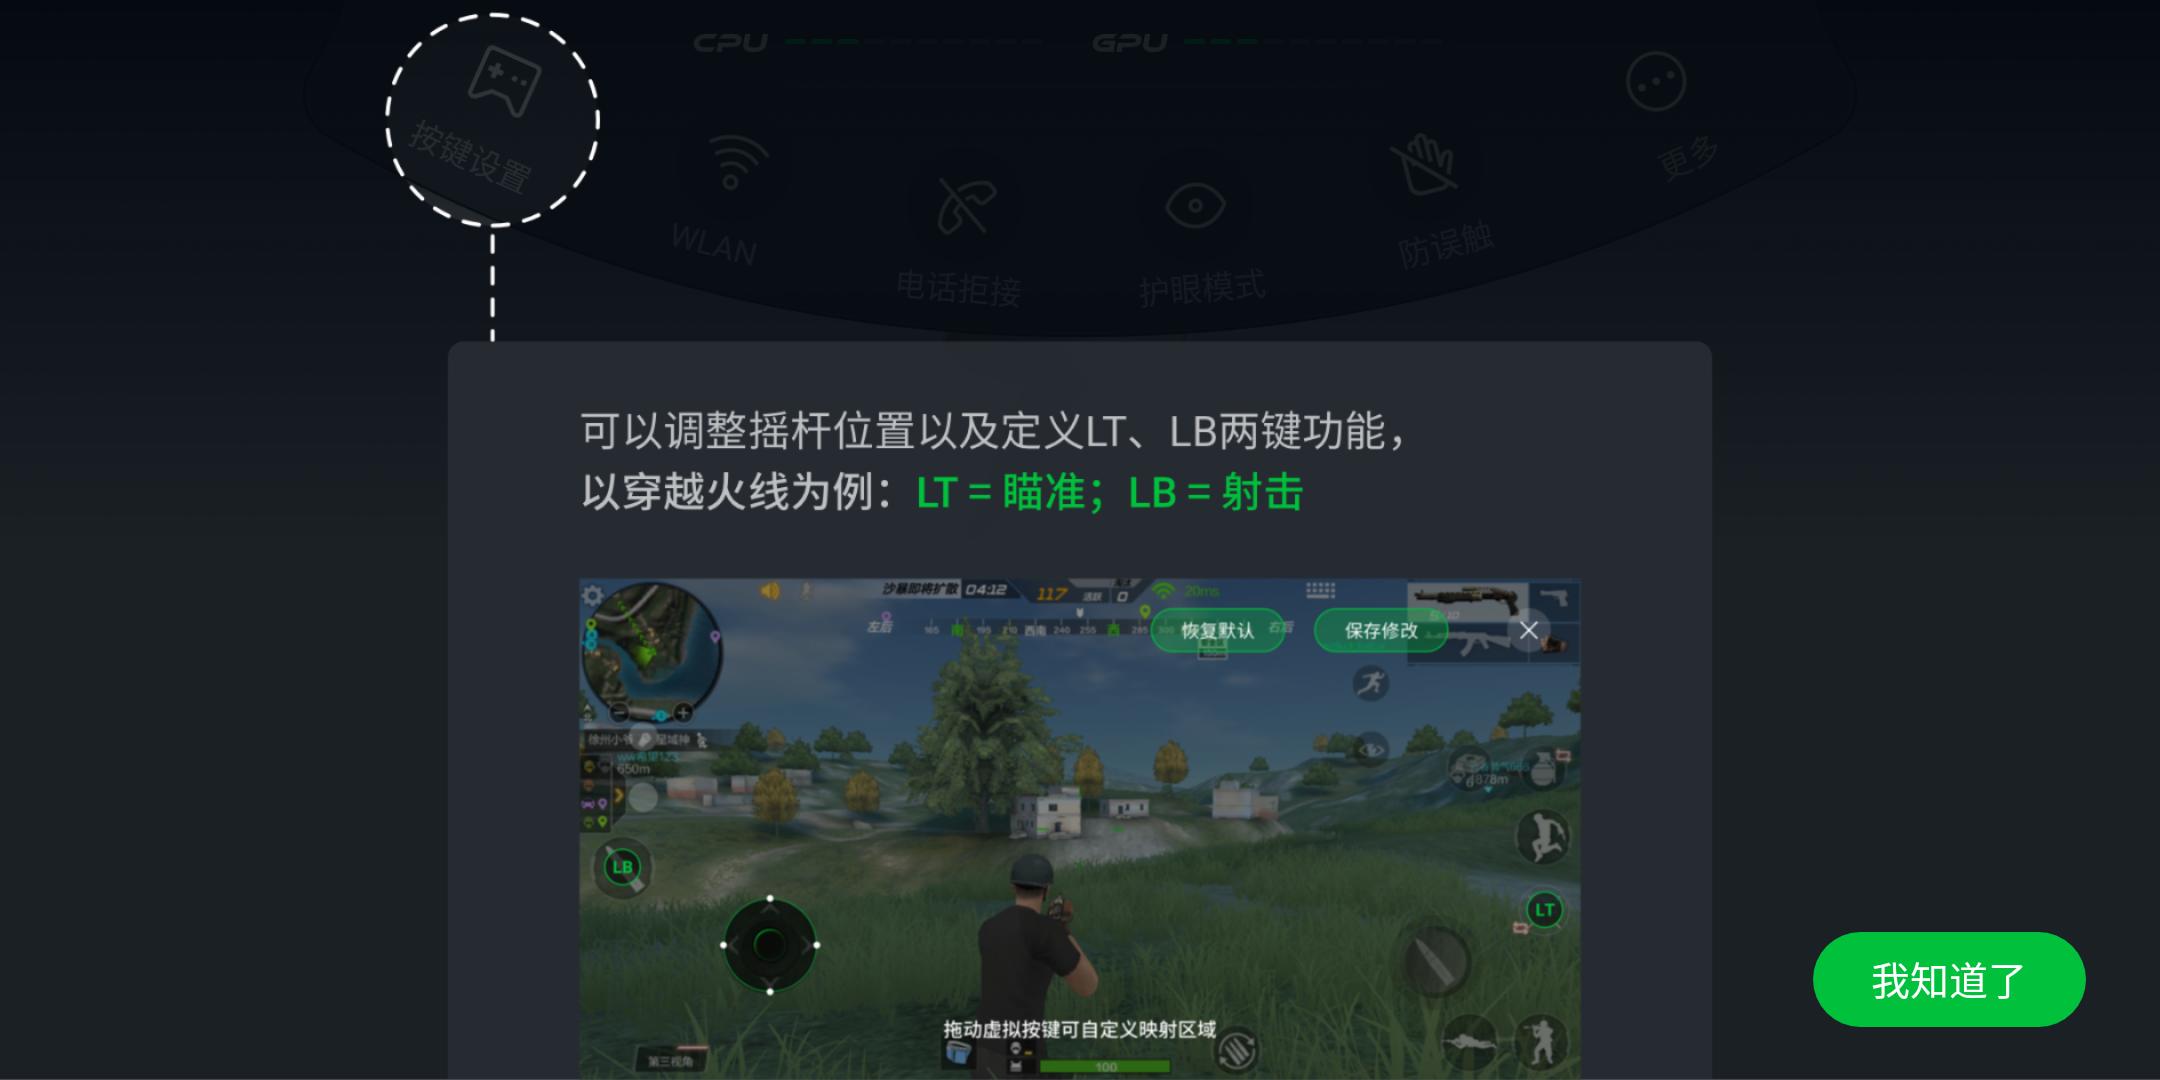 Screenshot_2018-04-27-12-21-42-654_com.tencent.tm.png